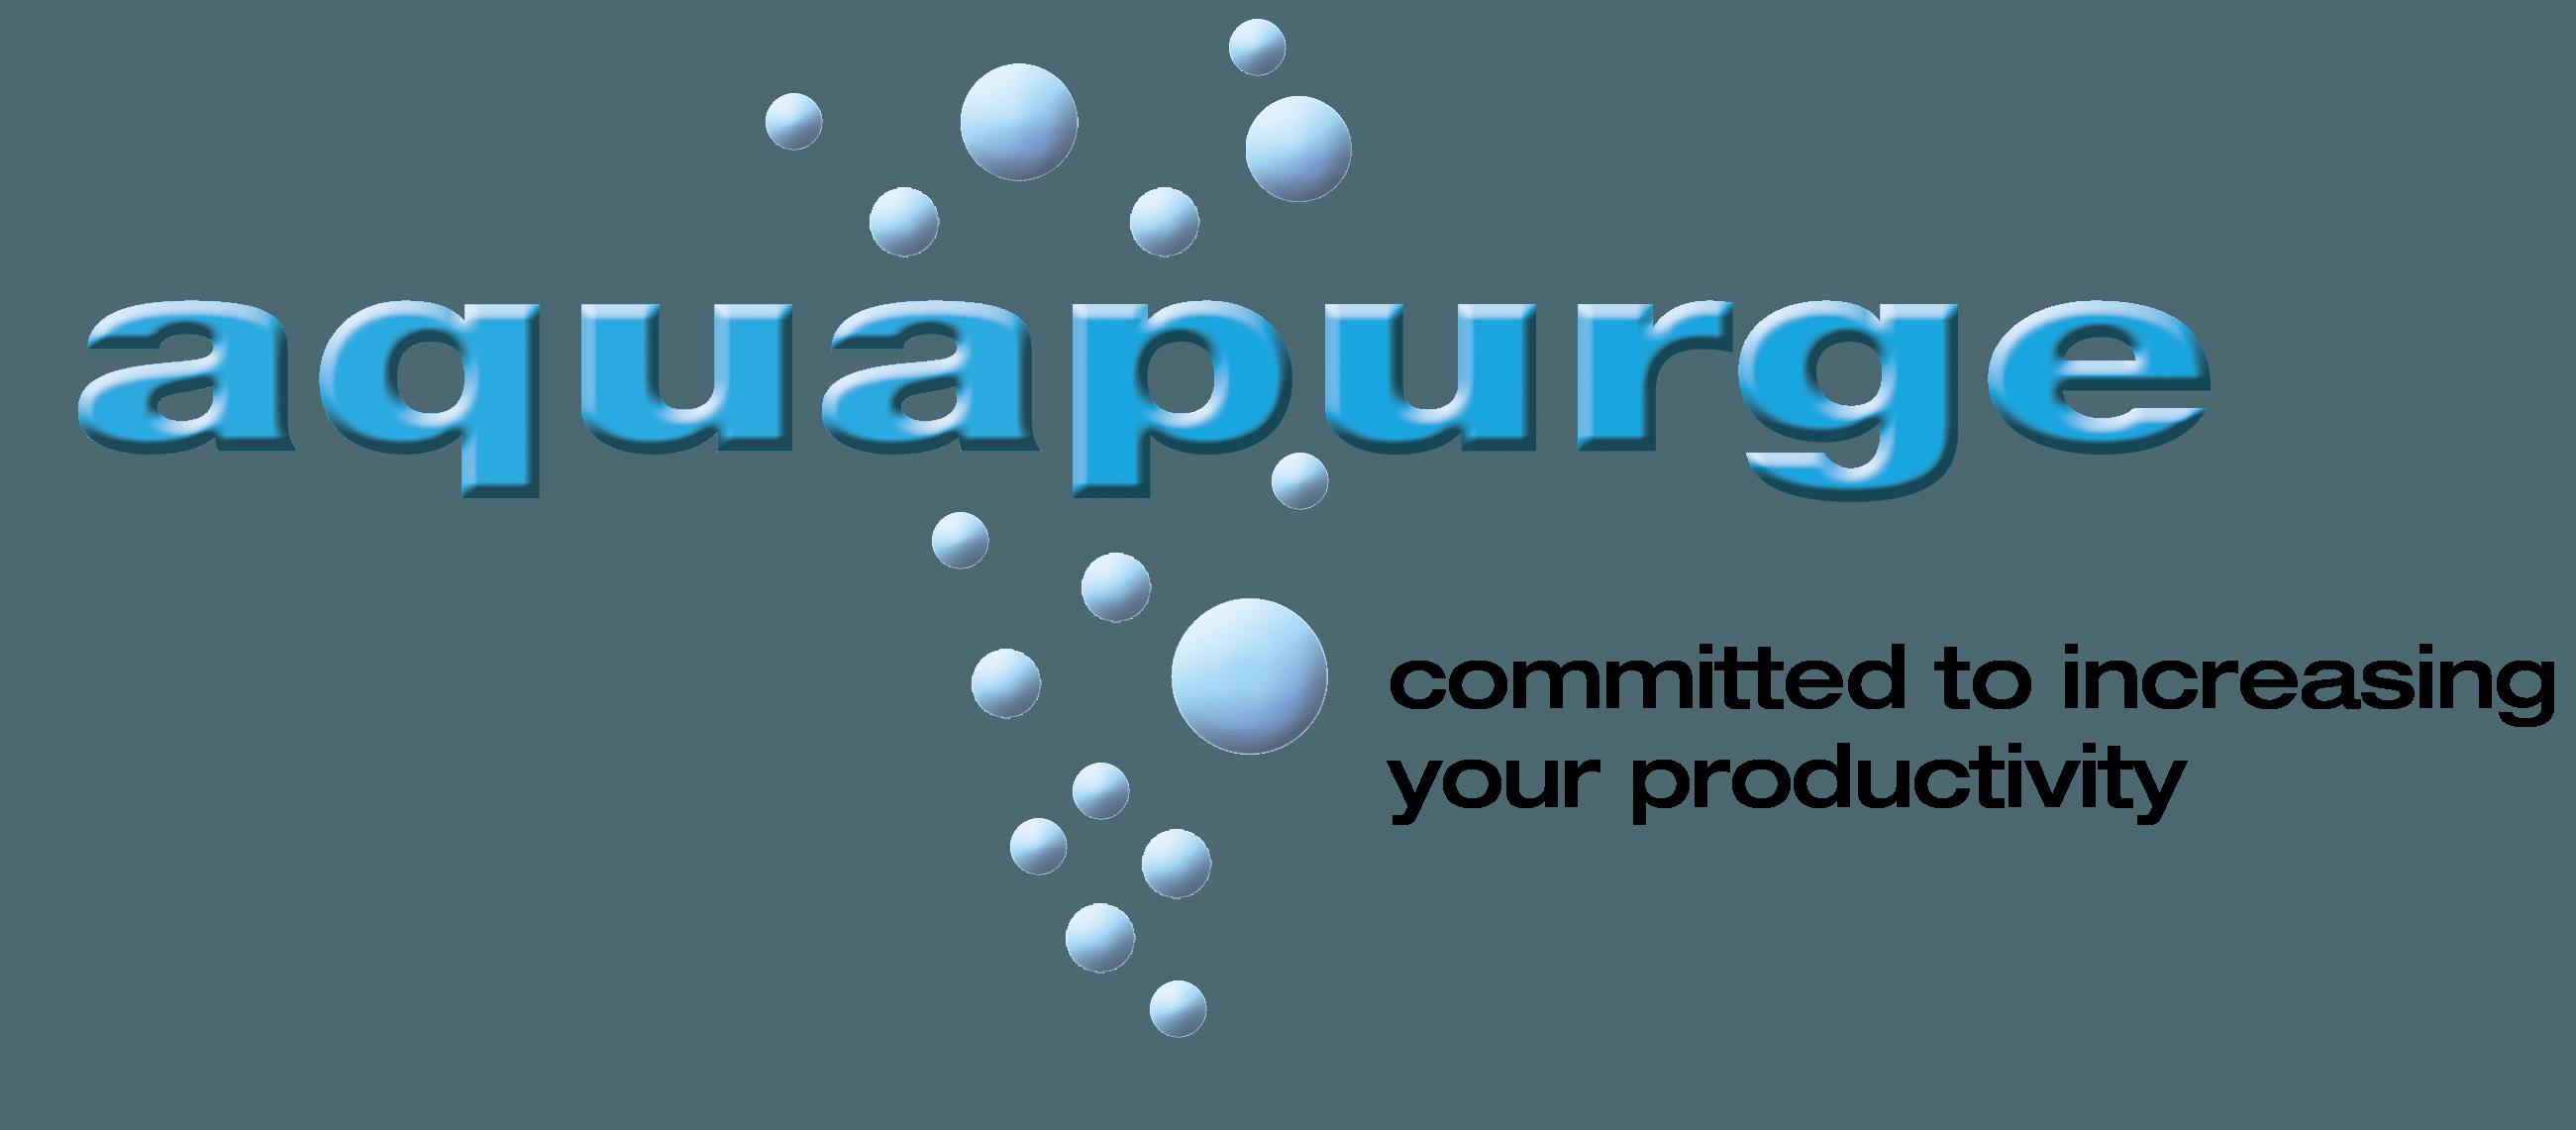 Aquapurge